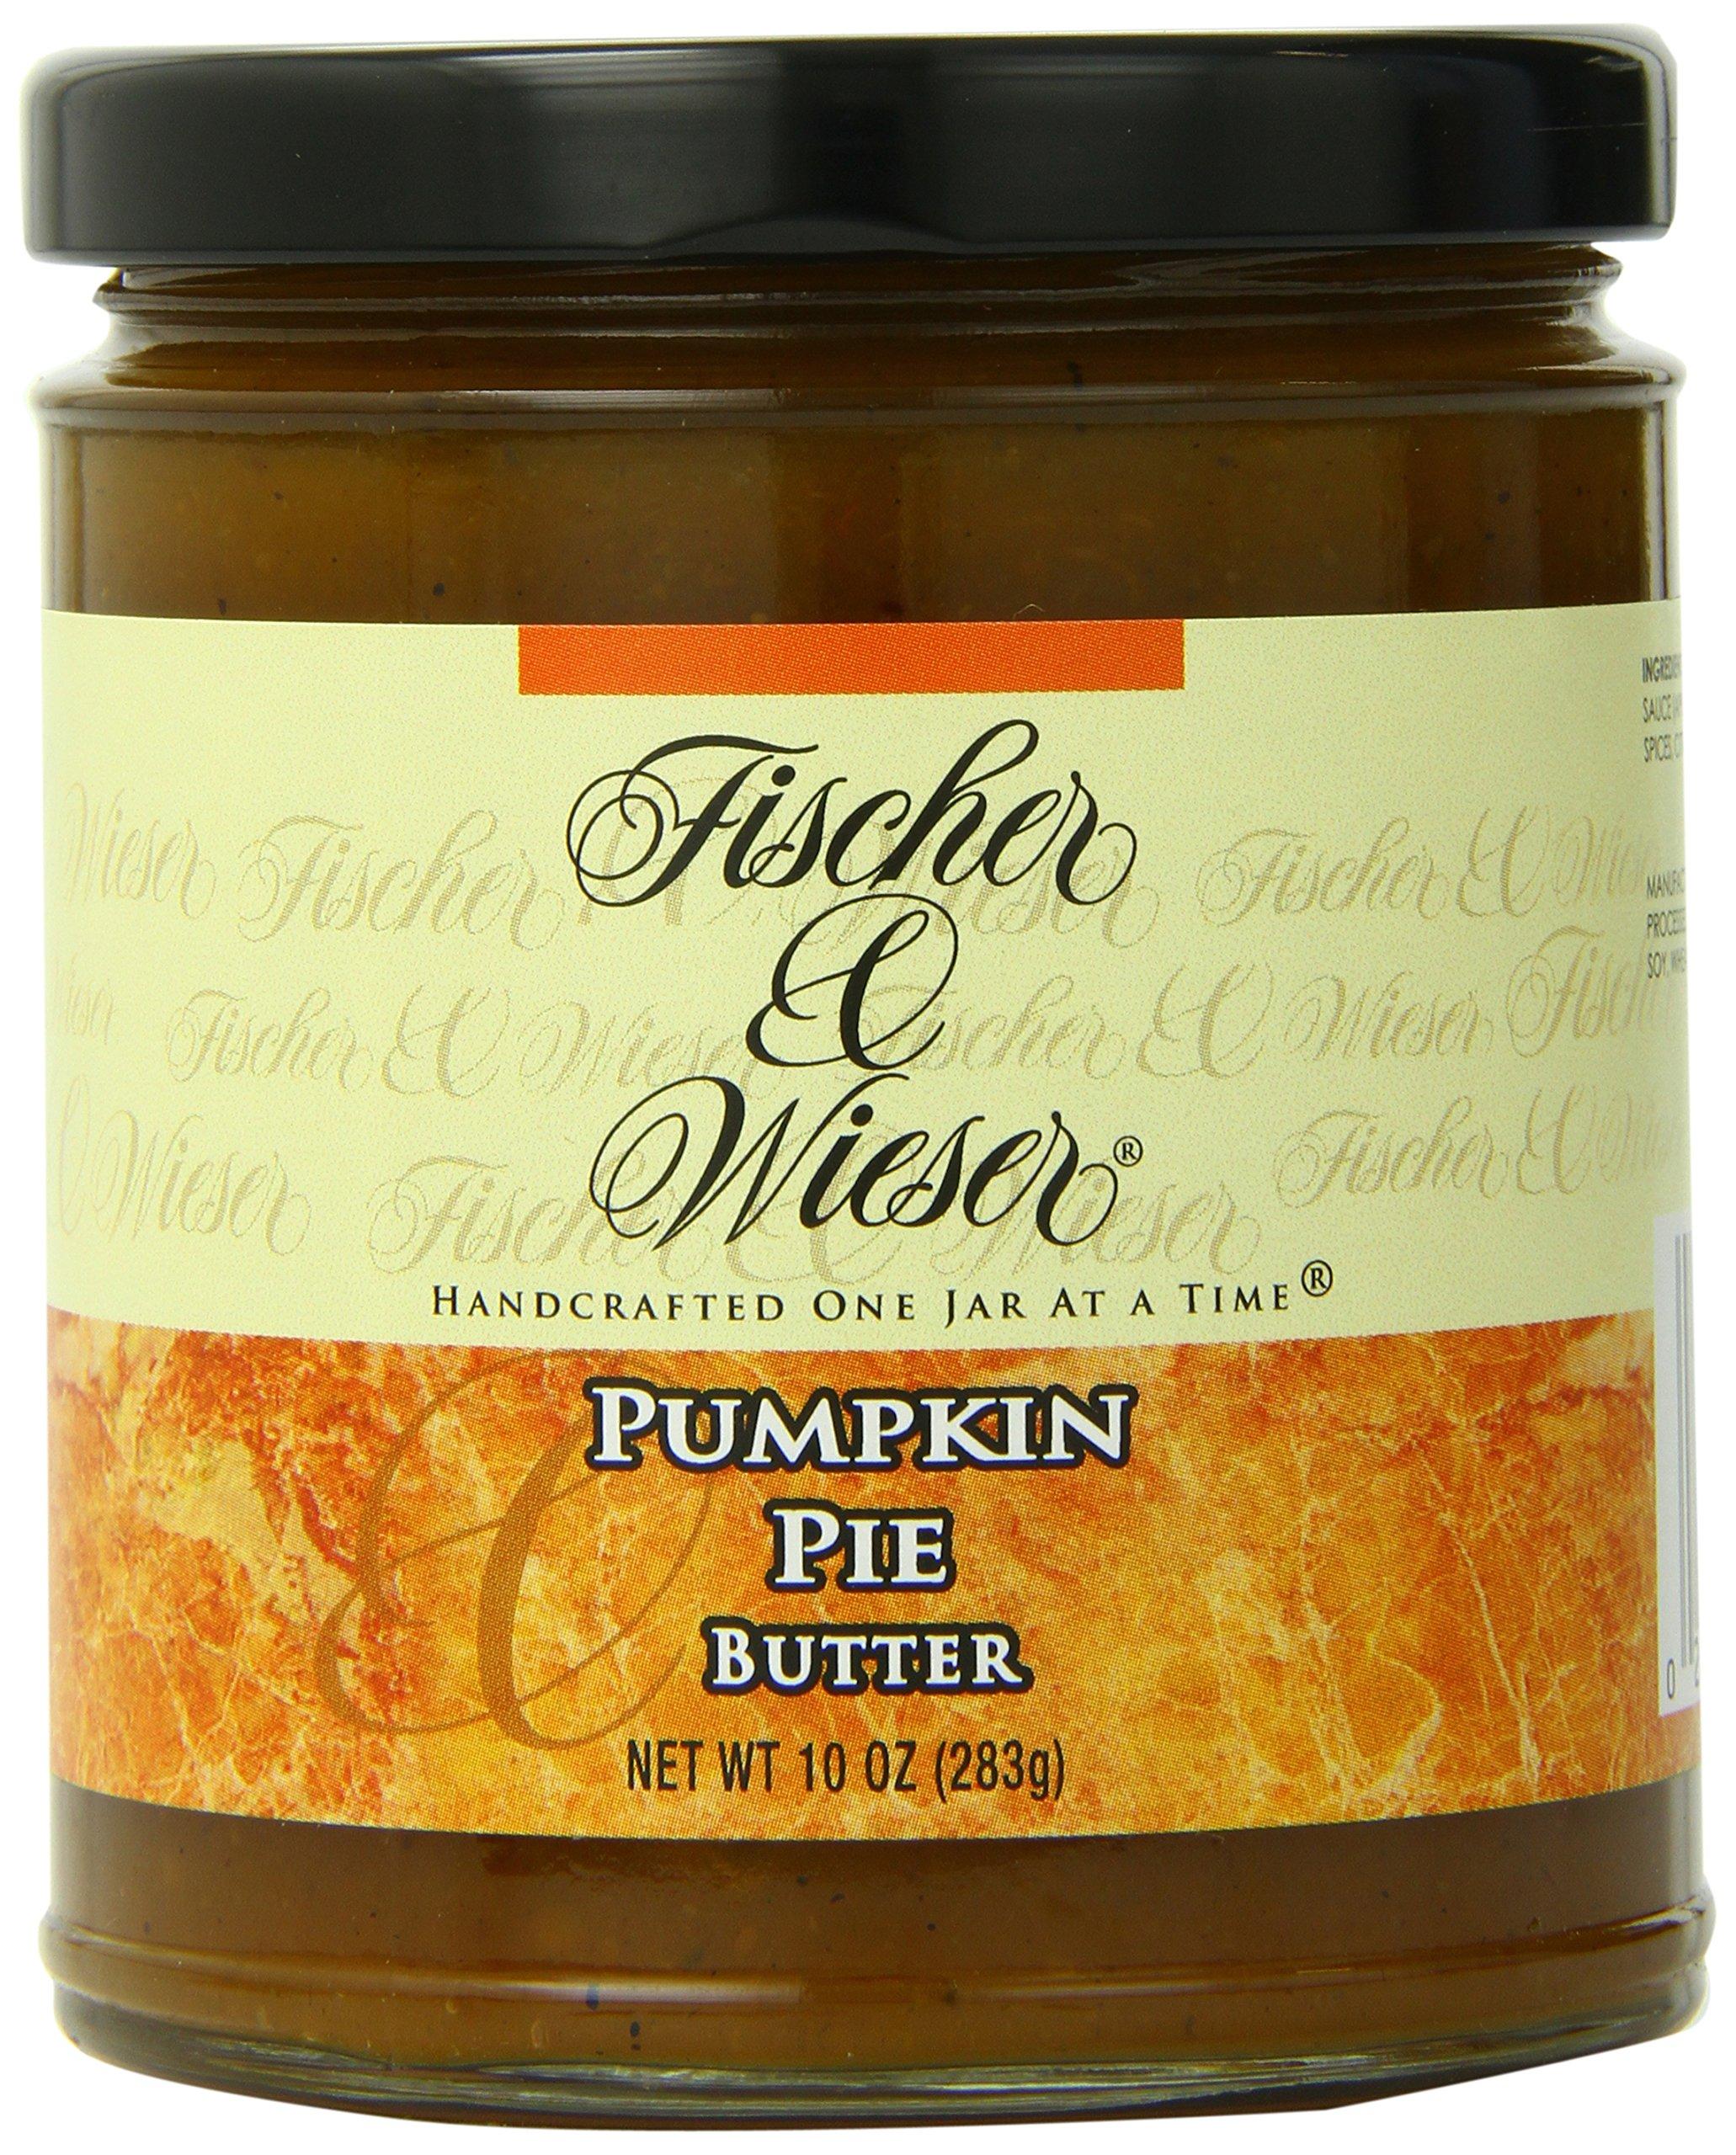 Fischer & Wieser Specialty Foods Pumpkin Pie Butter, 10.9 Ounce